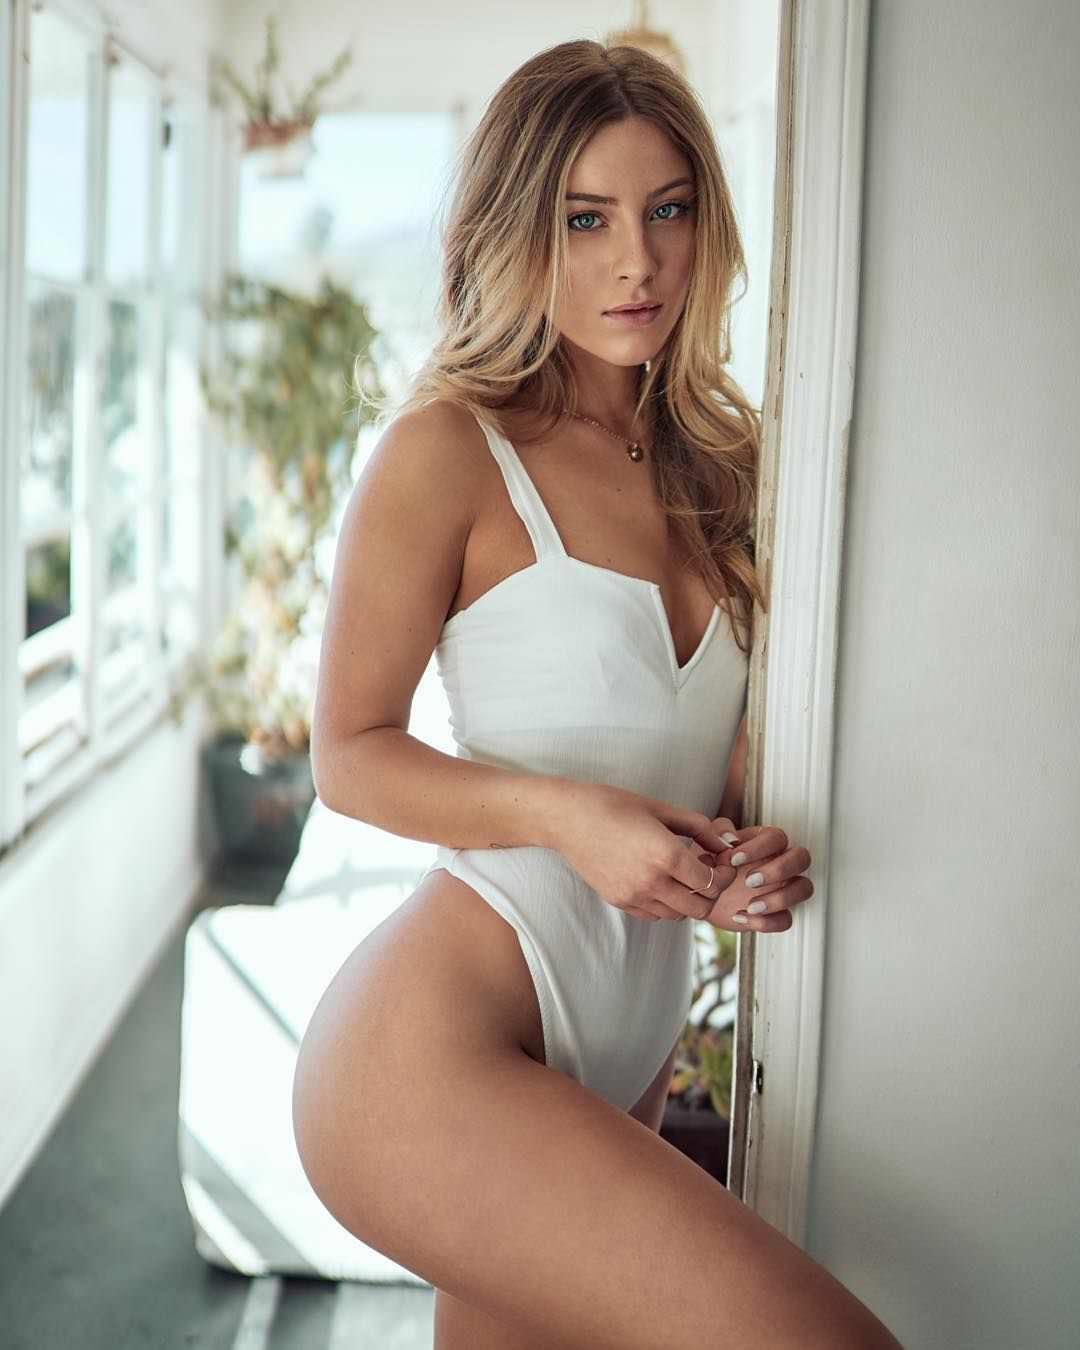 Дейзи Кич фото на балконе